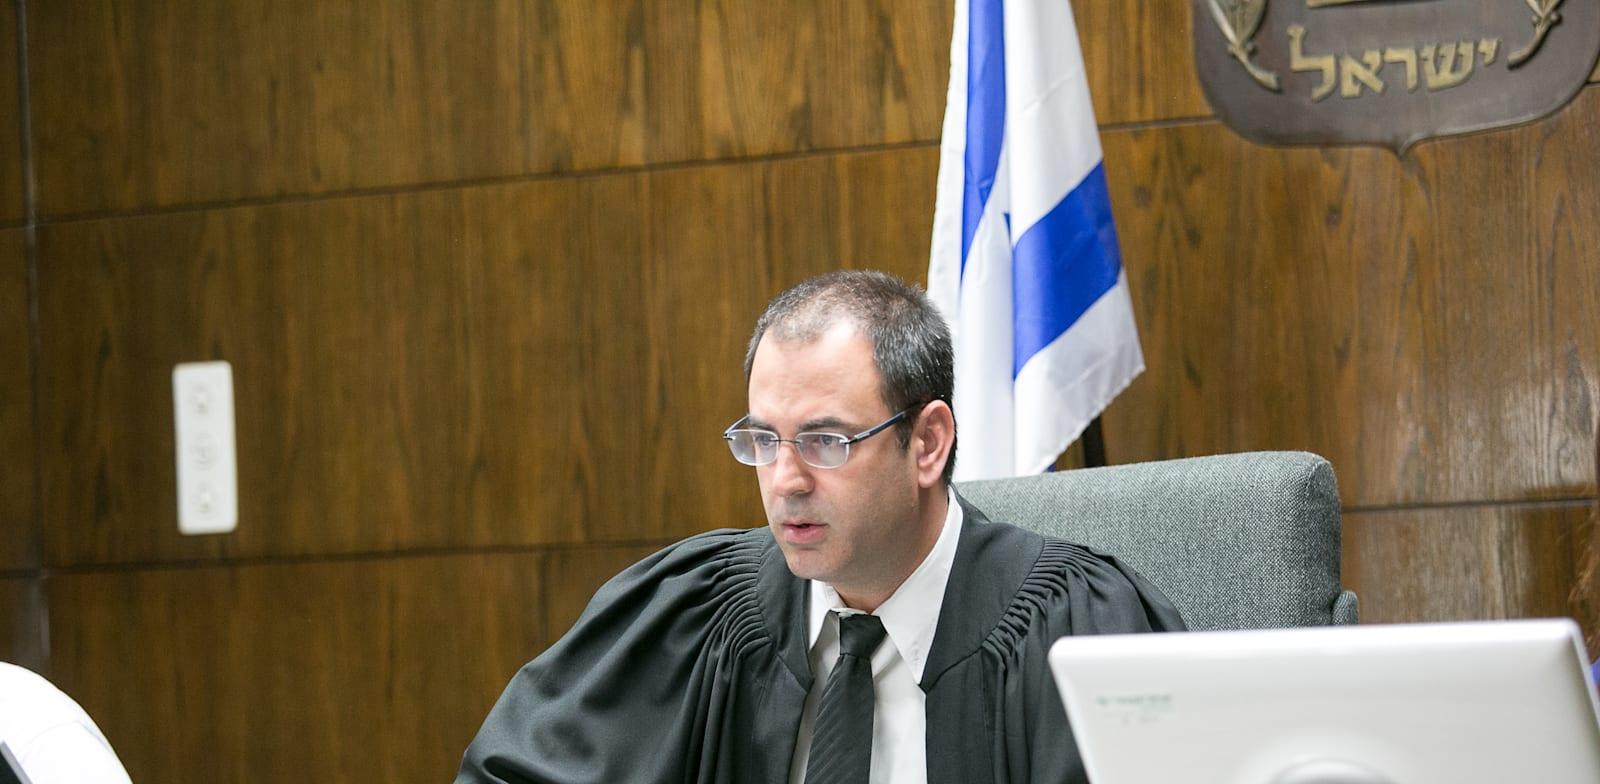 השופט בני שגיא. יכריע ביום שני / צילום: שלומי יוסף